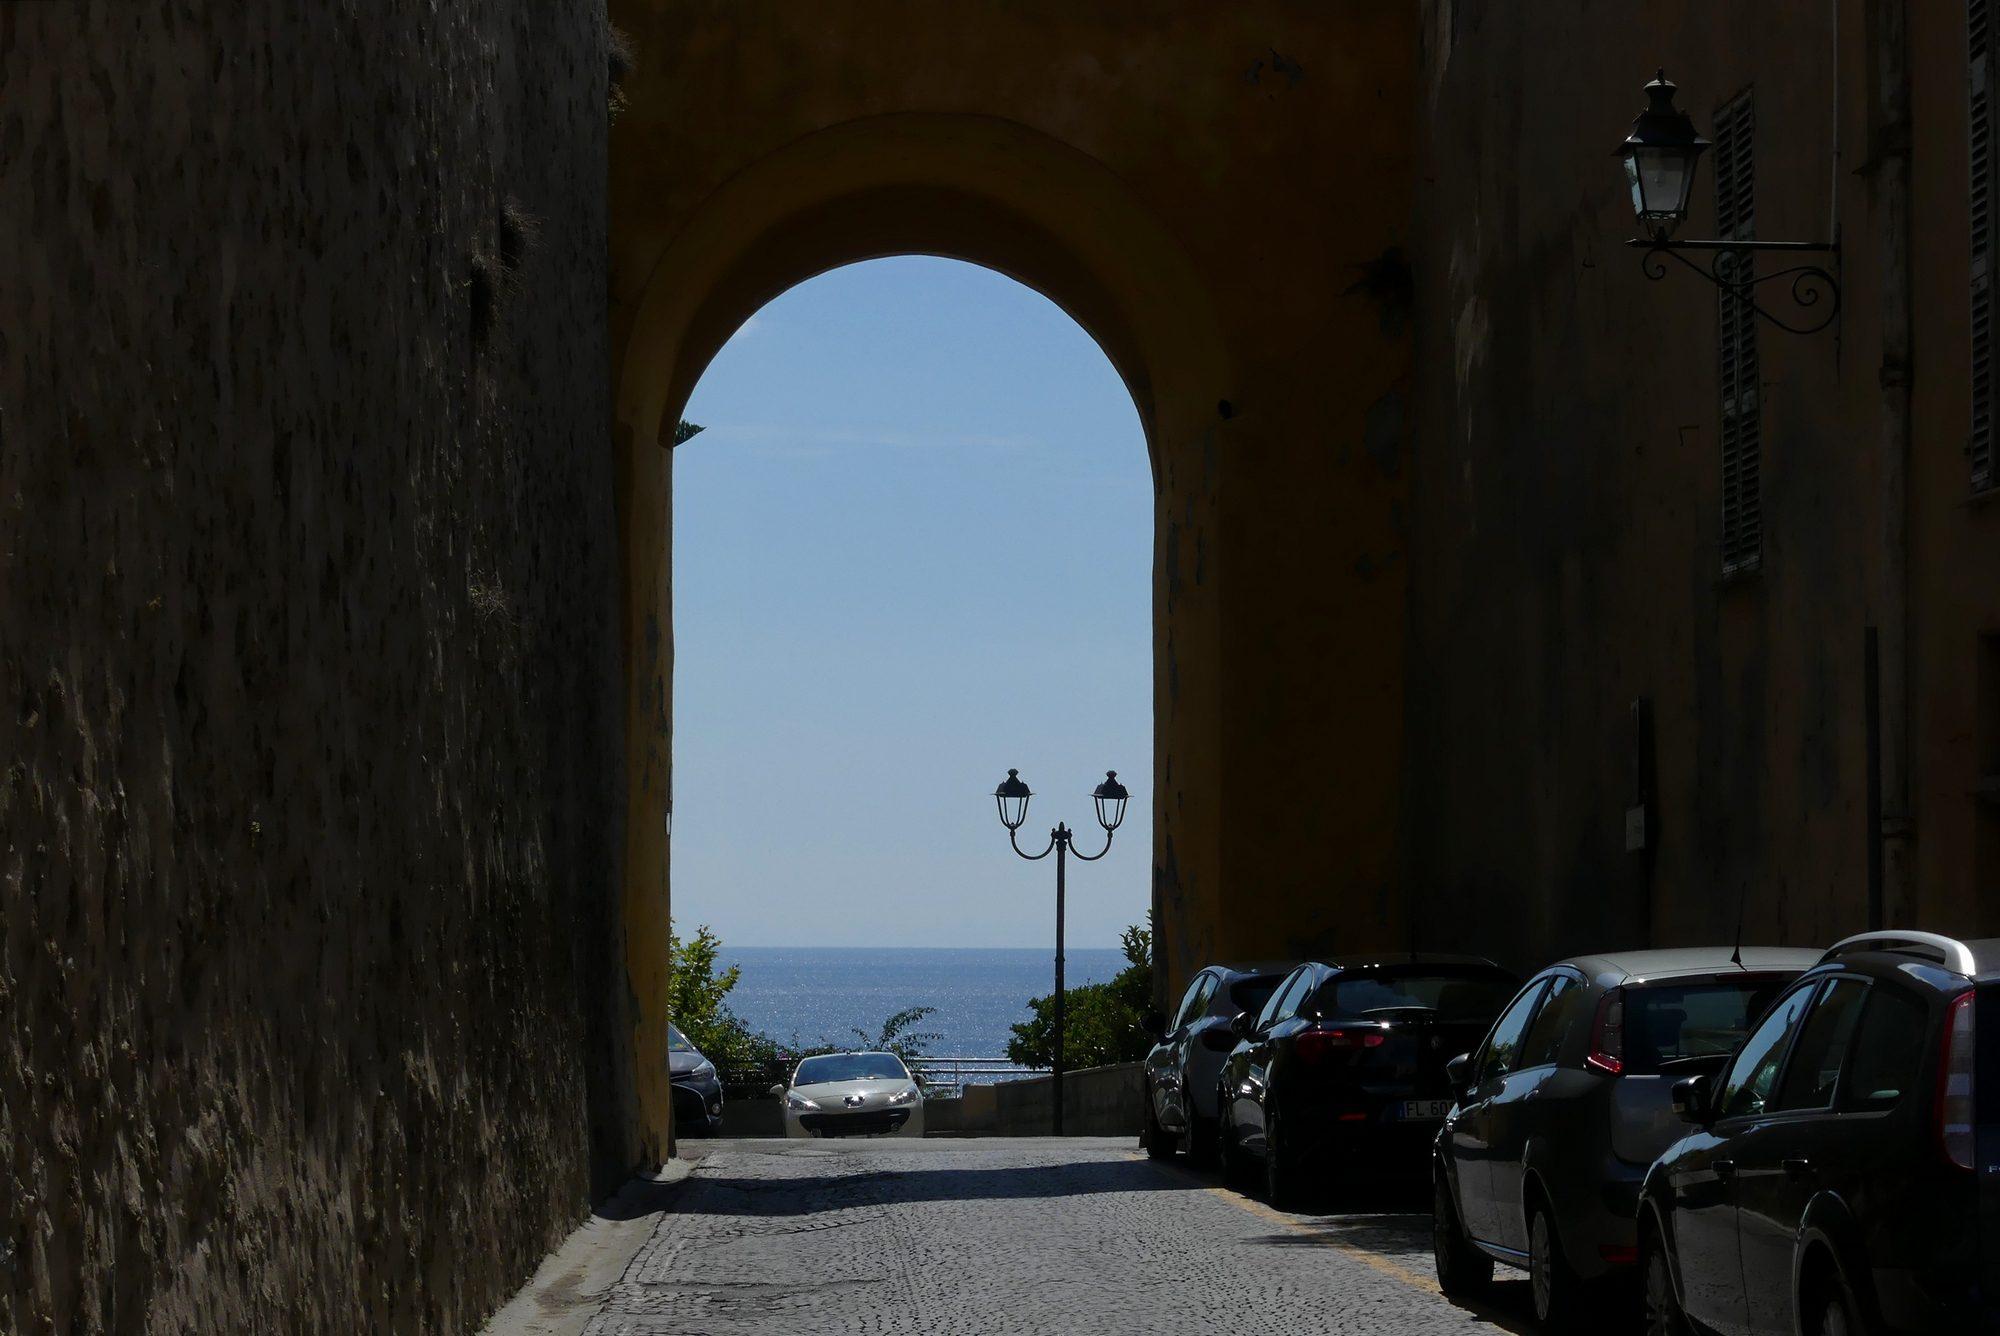 Straße mit Blick auf das Meer in der Altstadt von Ventimiglia